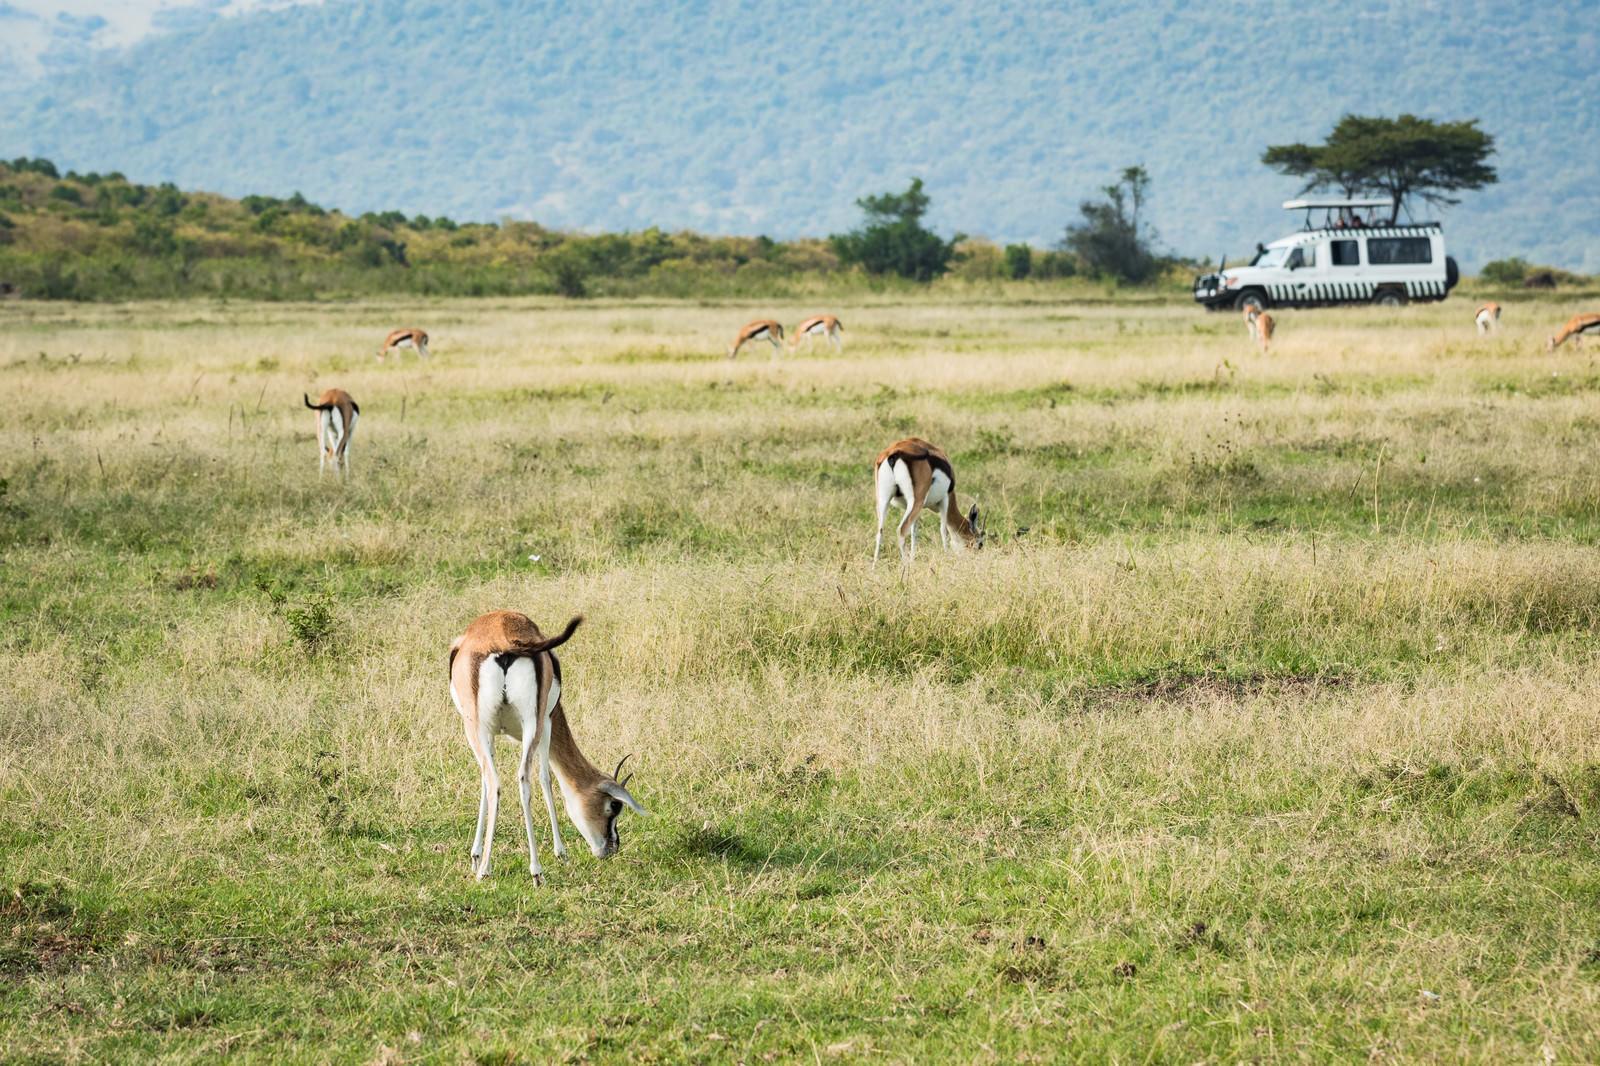 「サファリツアーで見る野生の動物の群れ」の写真